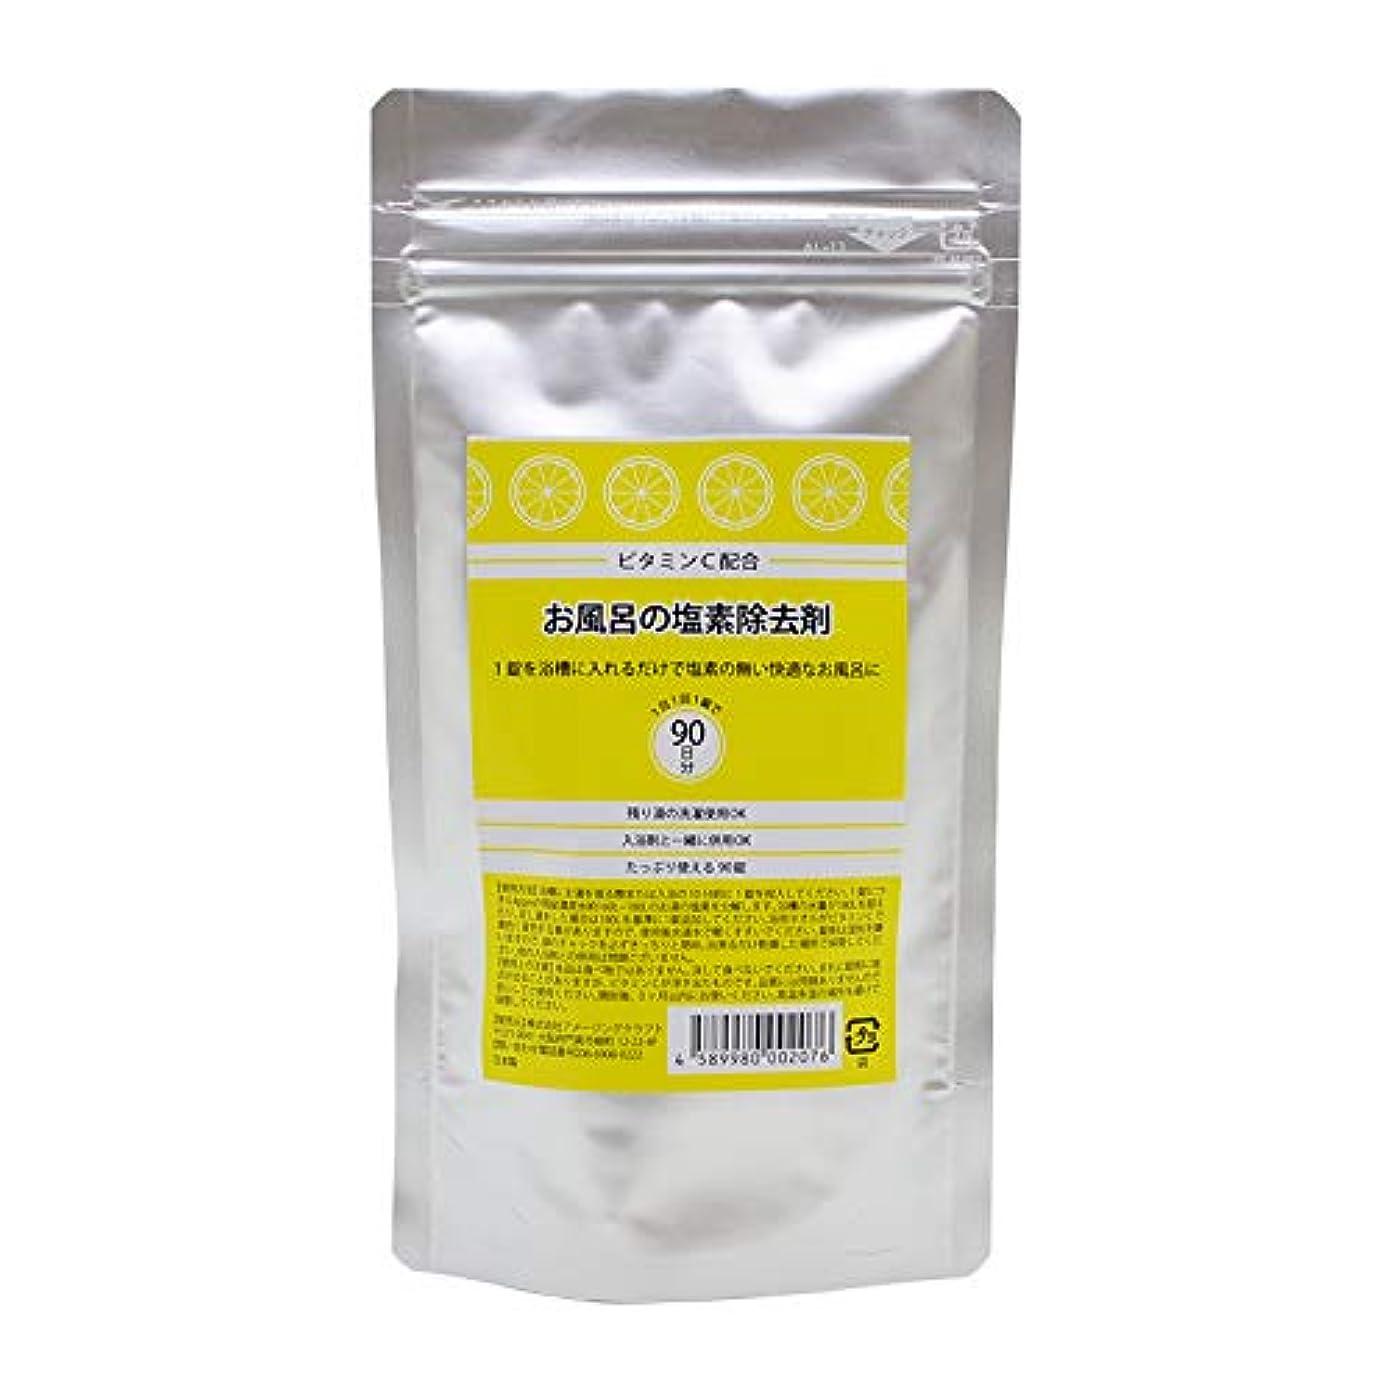 最後のギタービタミンC配合 お風呂の塩素除去剤 錠剤タイプ 90錠 浴槽用脱塩素剤